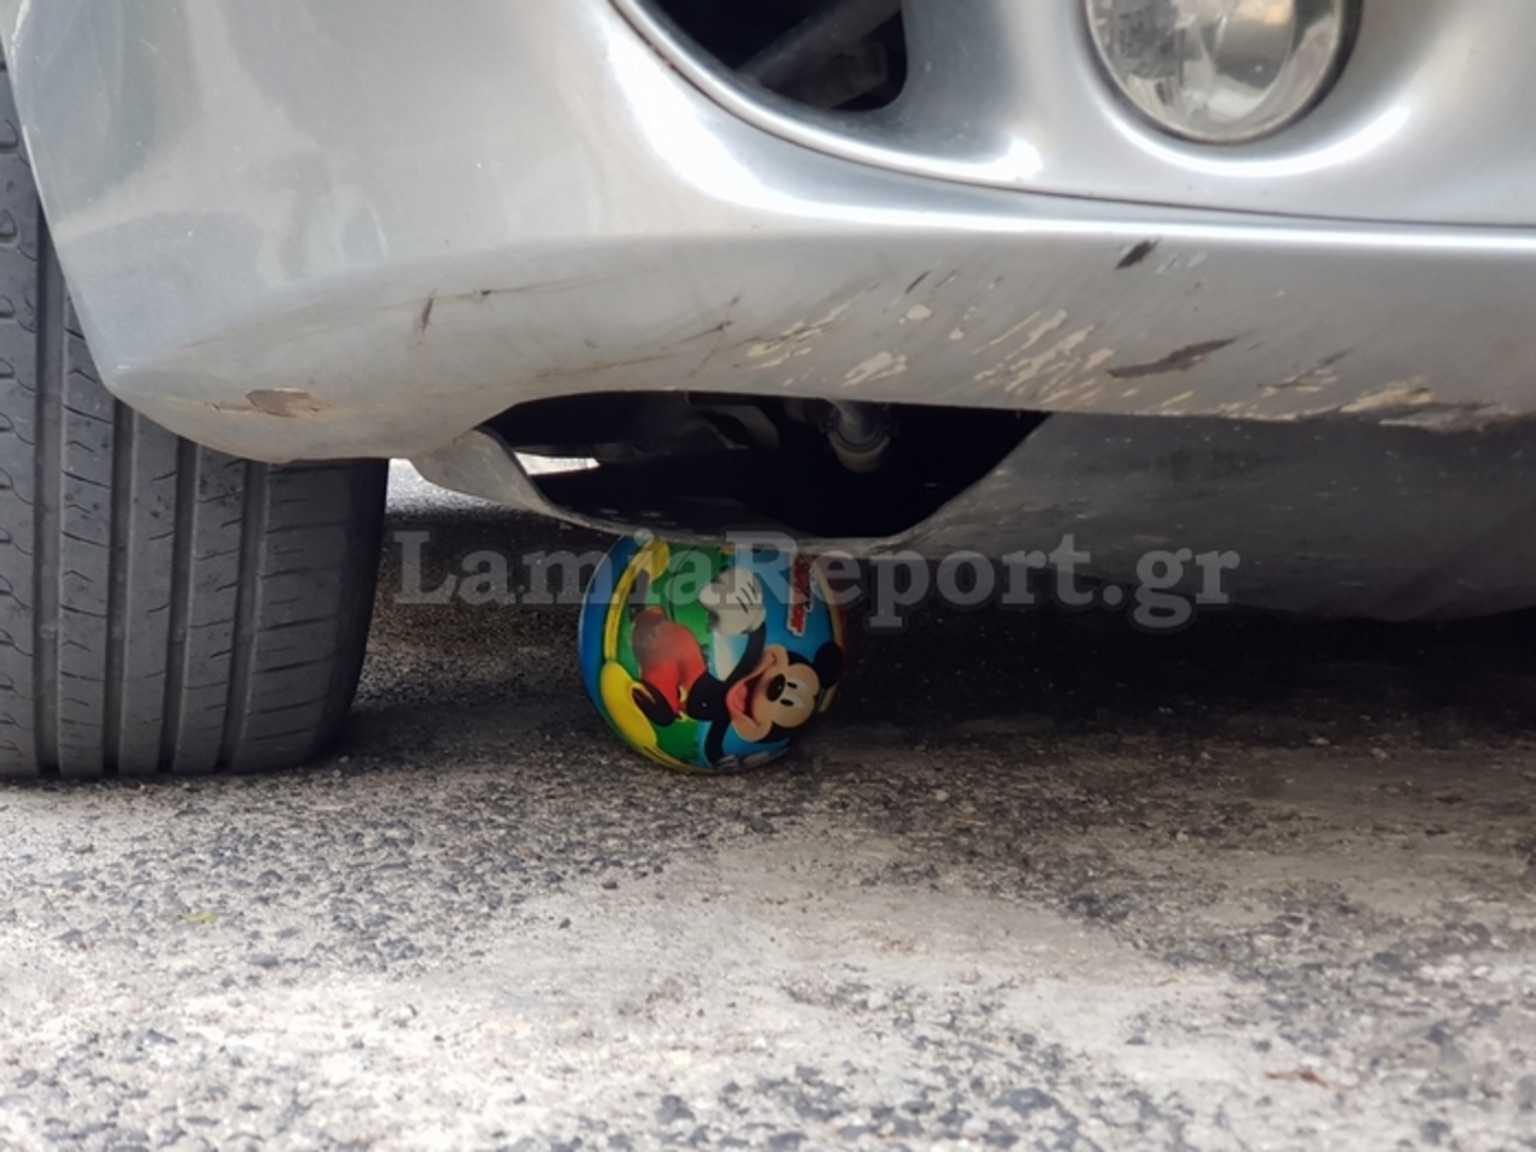 85χρονη οδηγός παρέσυρε με το αυτοκίνητο αγoράκι 5 χρονών (εικόνες)